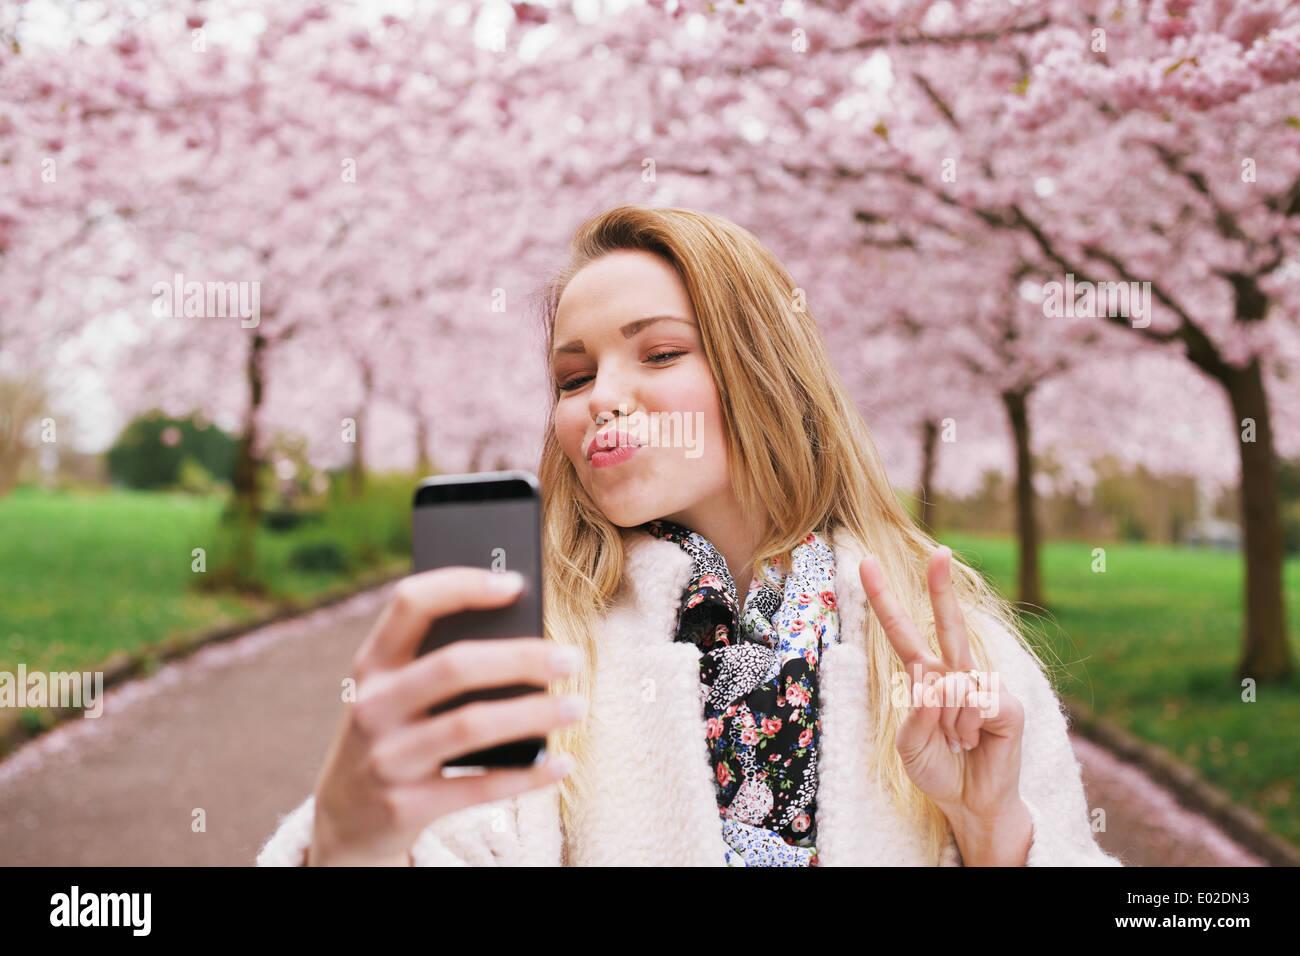 Attraktive junge Frau posiert für Selfie. Schöne Frau im Frühjahr blühen Park unter Selbstbildnis mit Handy. Stockbild